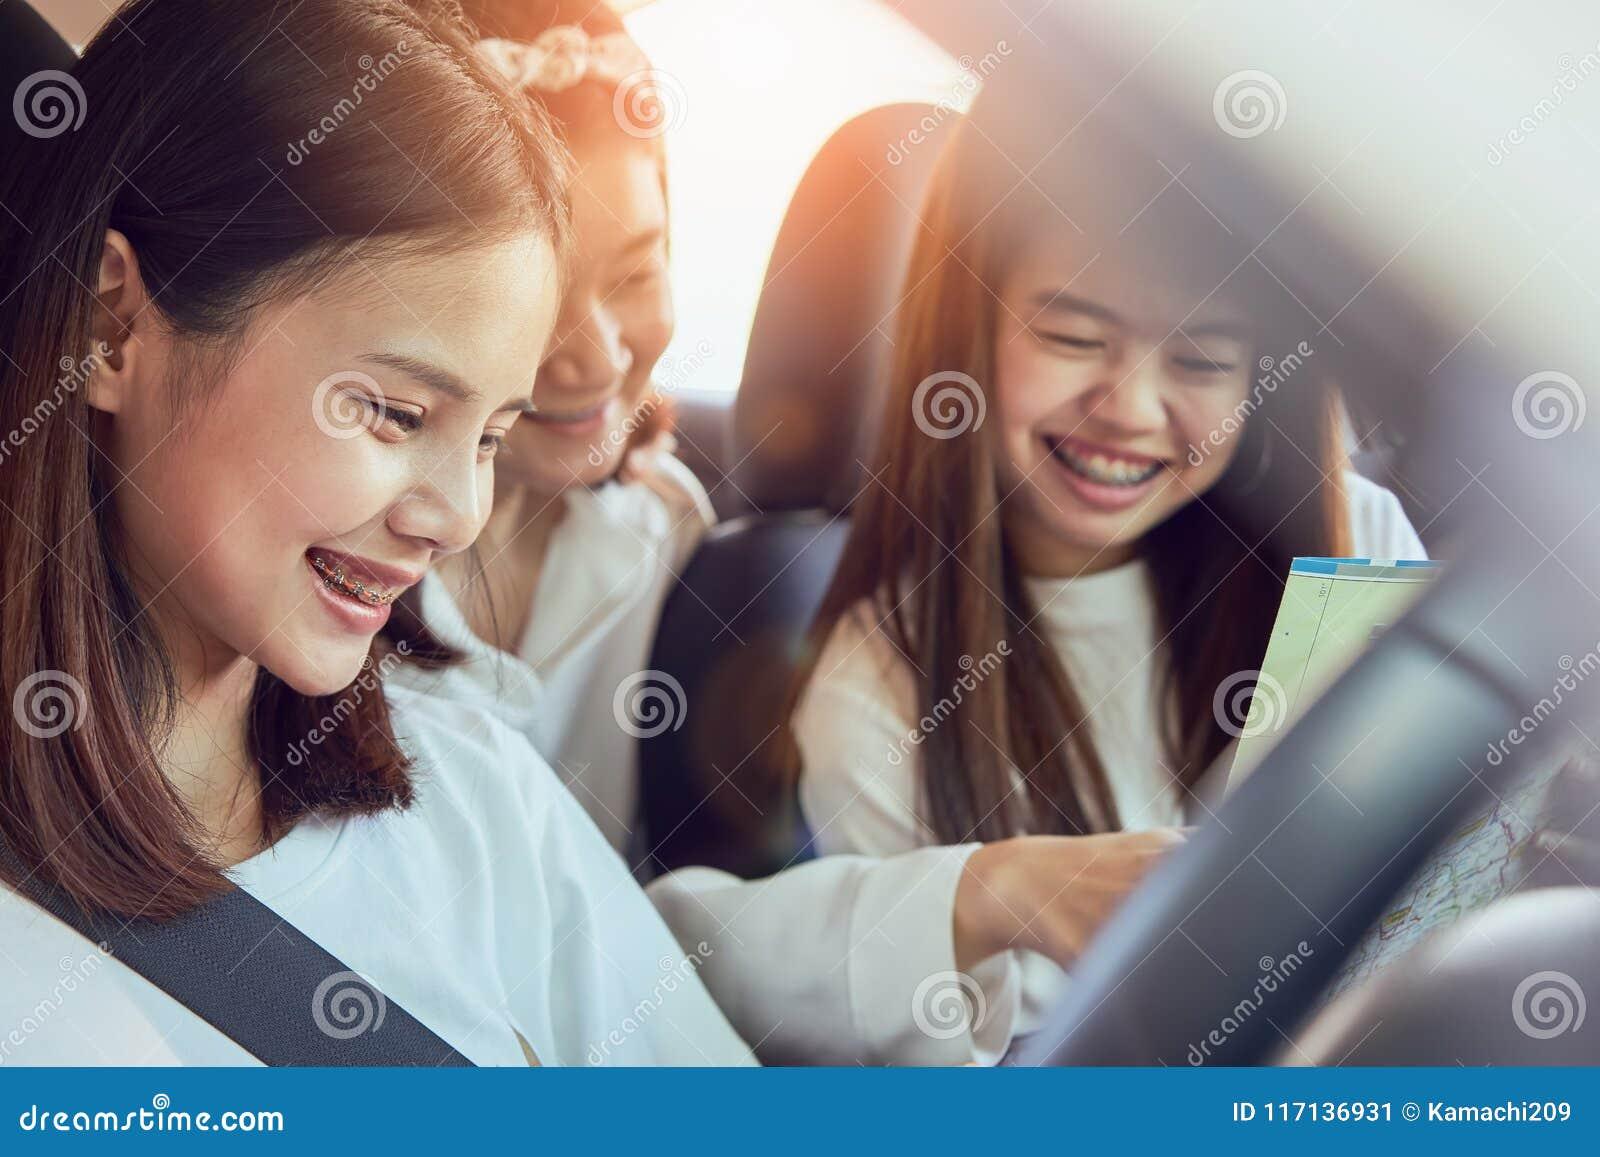 Vakantietijd en reis, drie mooie jonge vrouwen vrolijke reizen samen voor een ontspannende vakantie